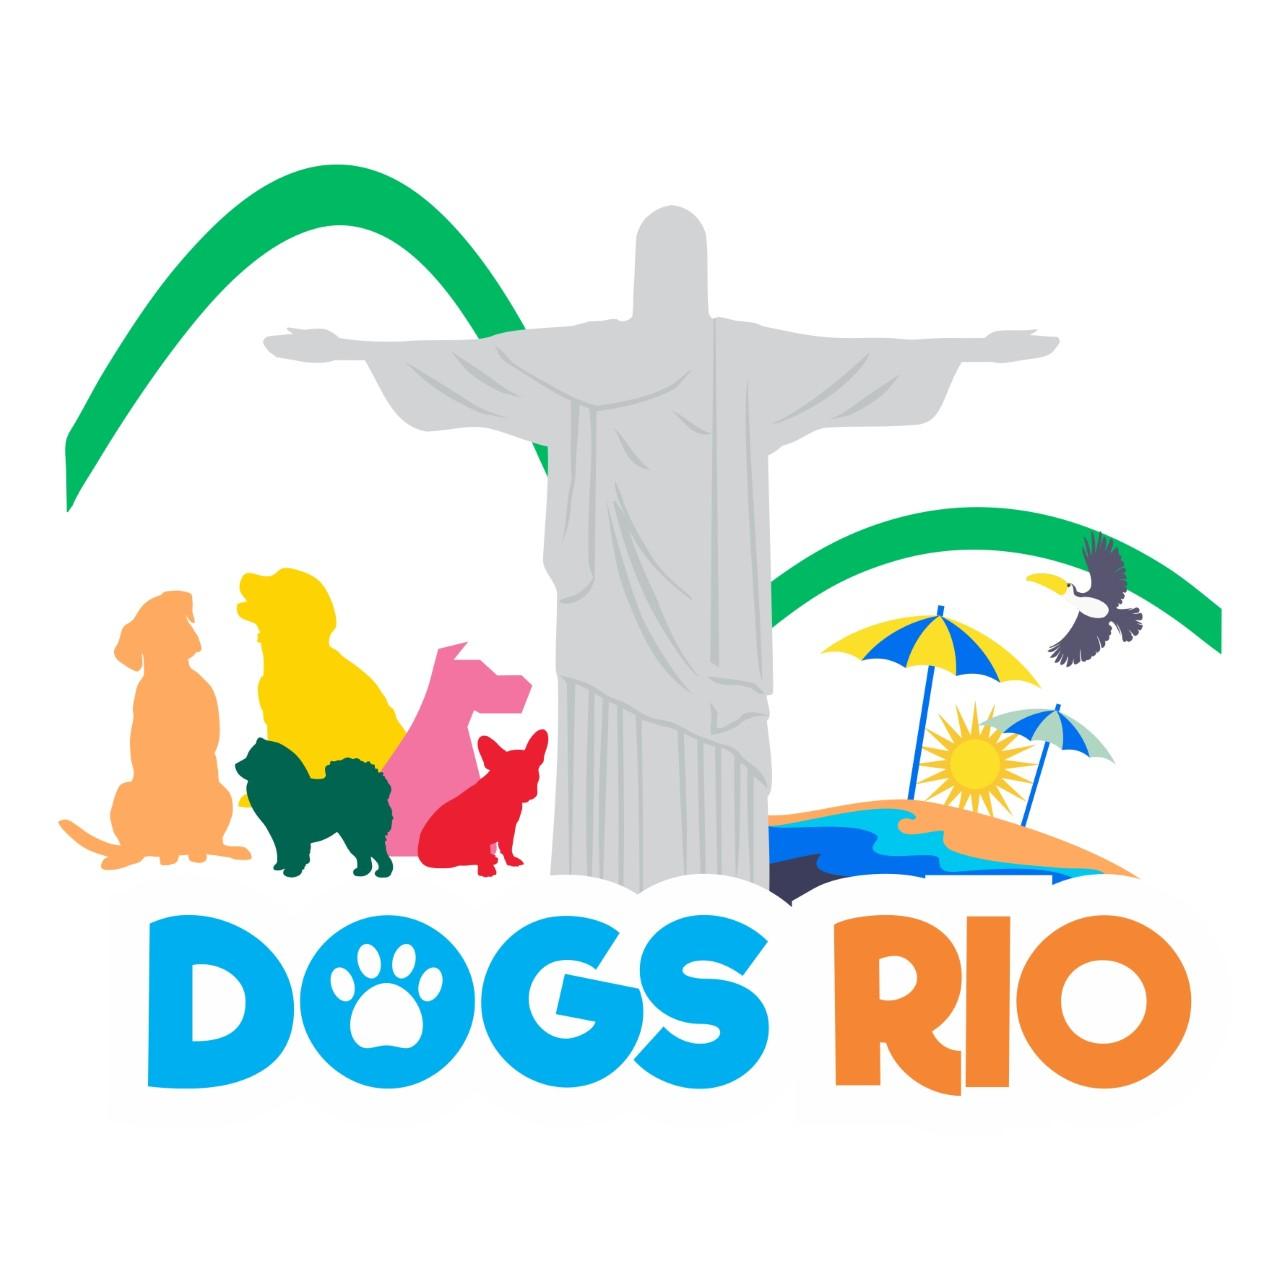 Dogs Rio